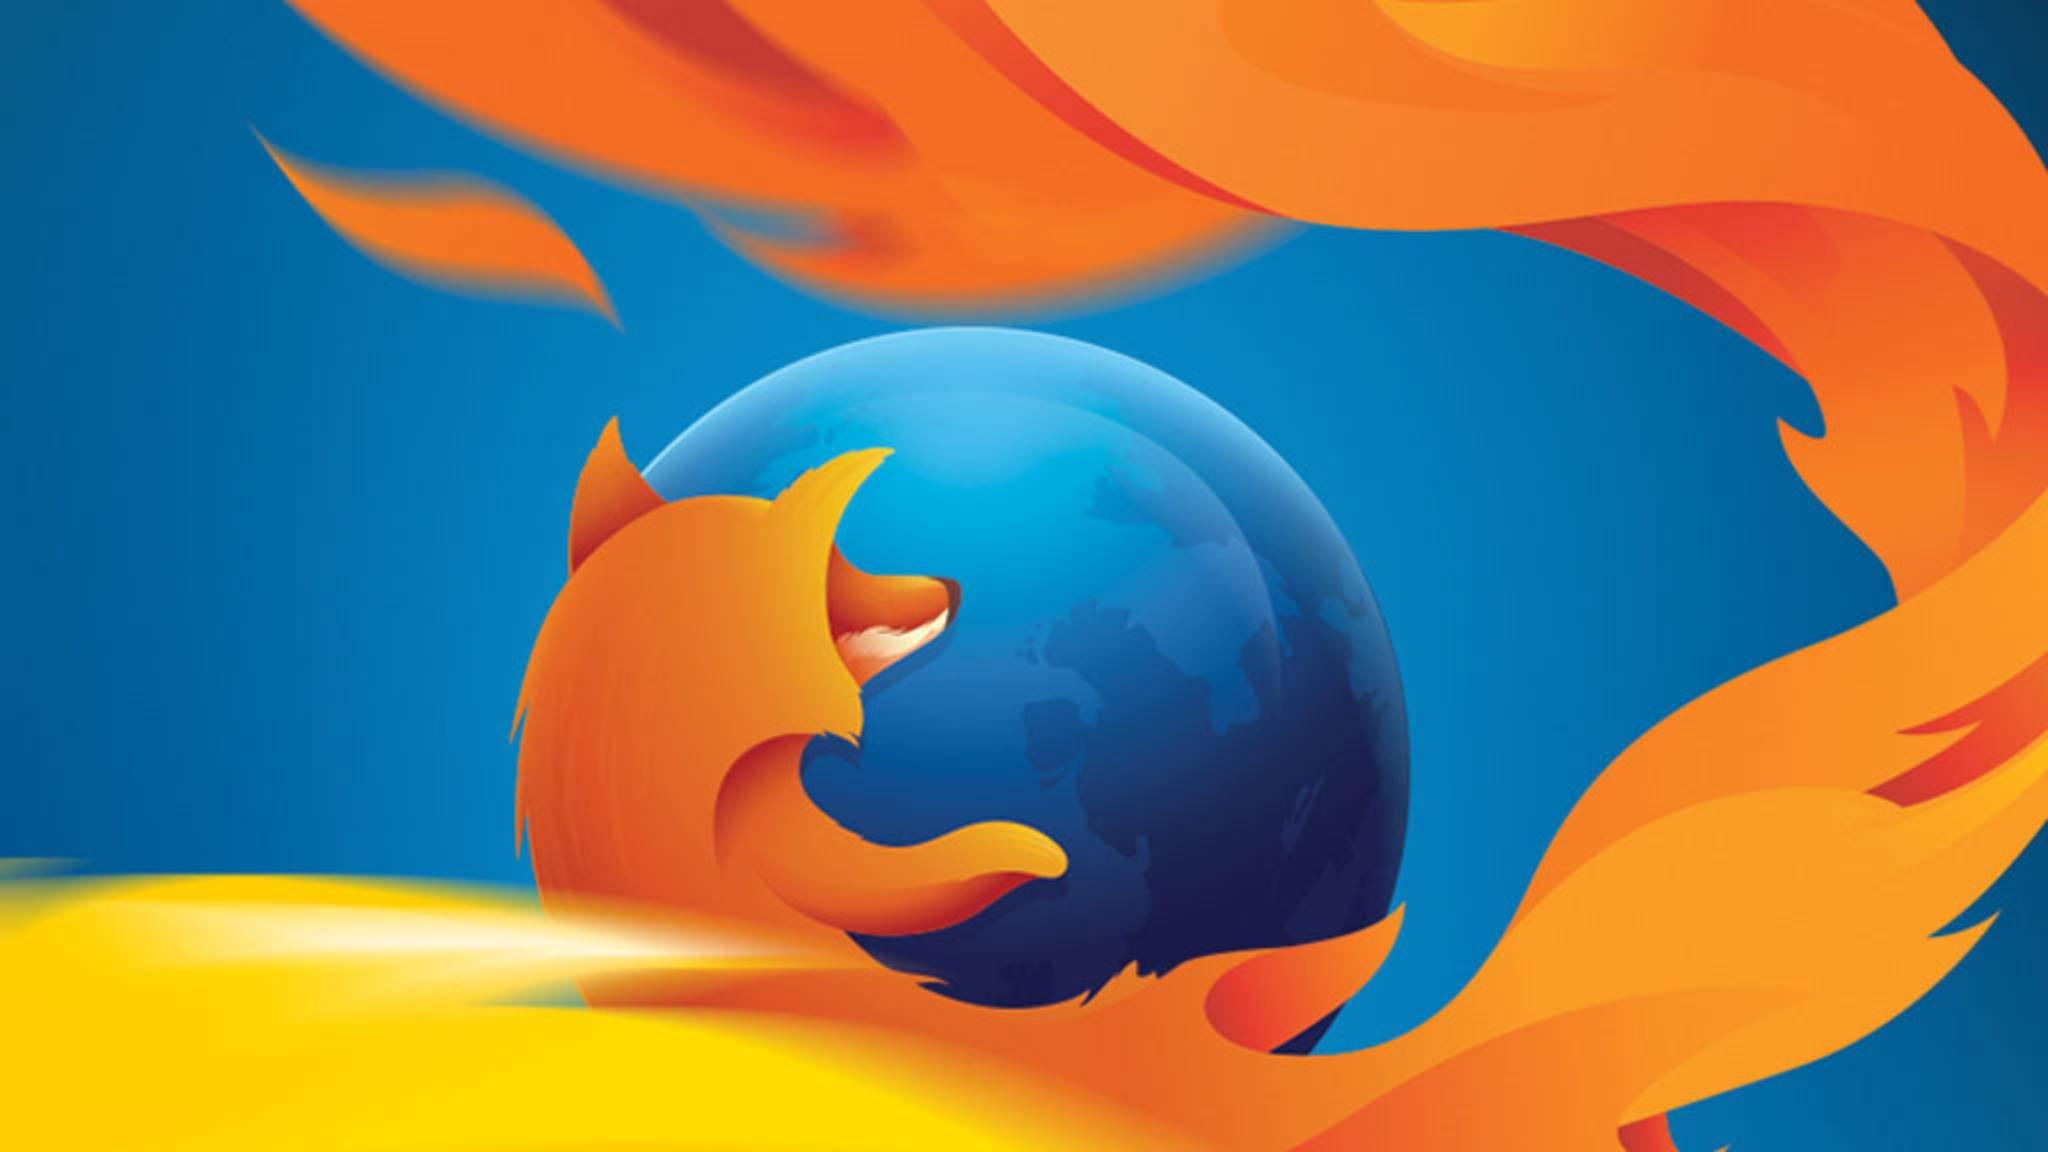 Firefox bekommt möglicherweise bald einen weiteren kleinen Bruder.